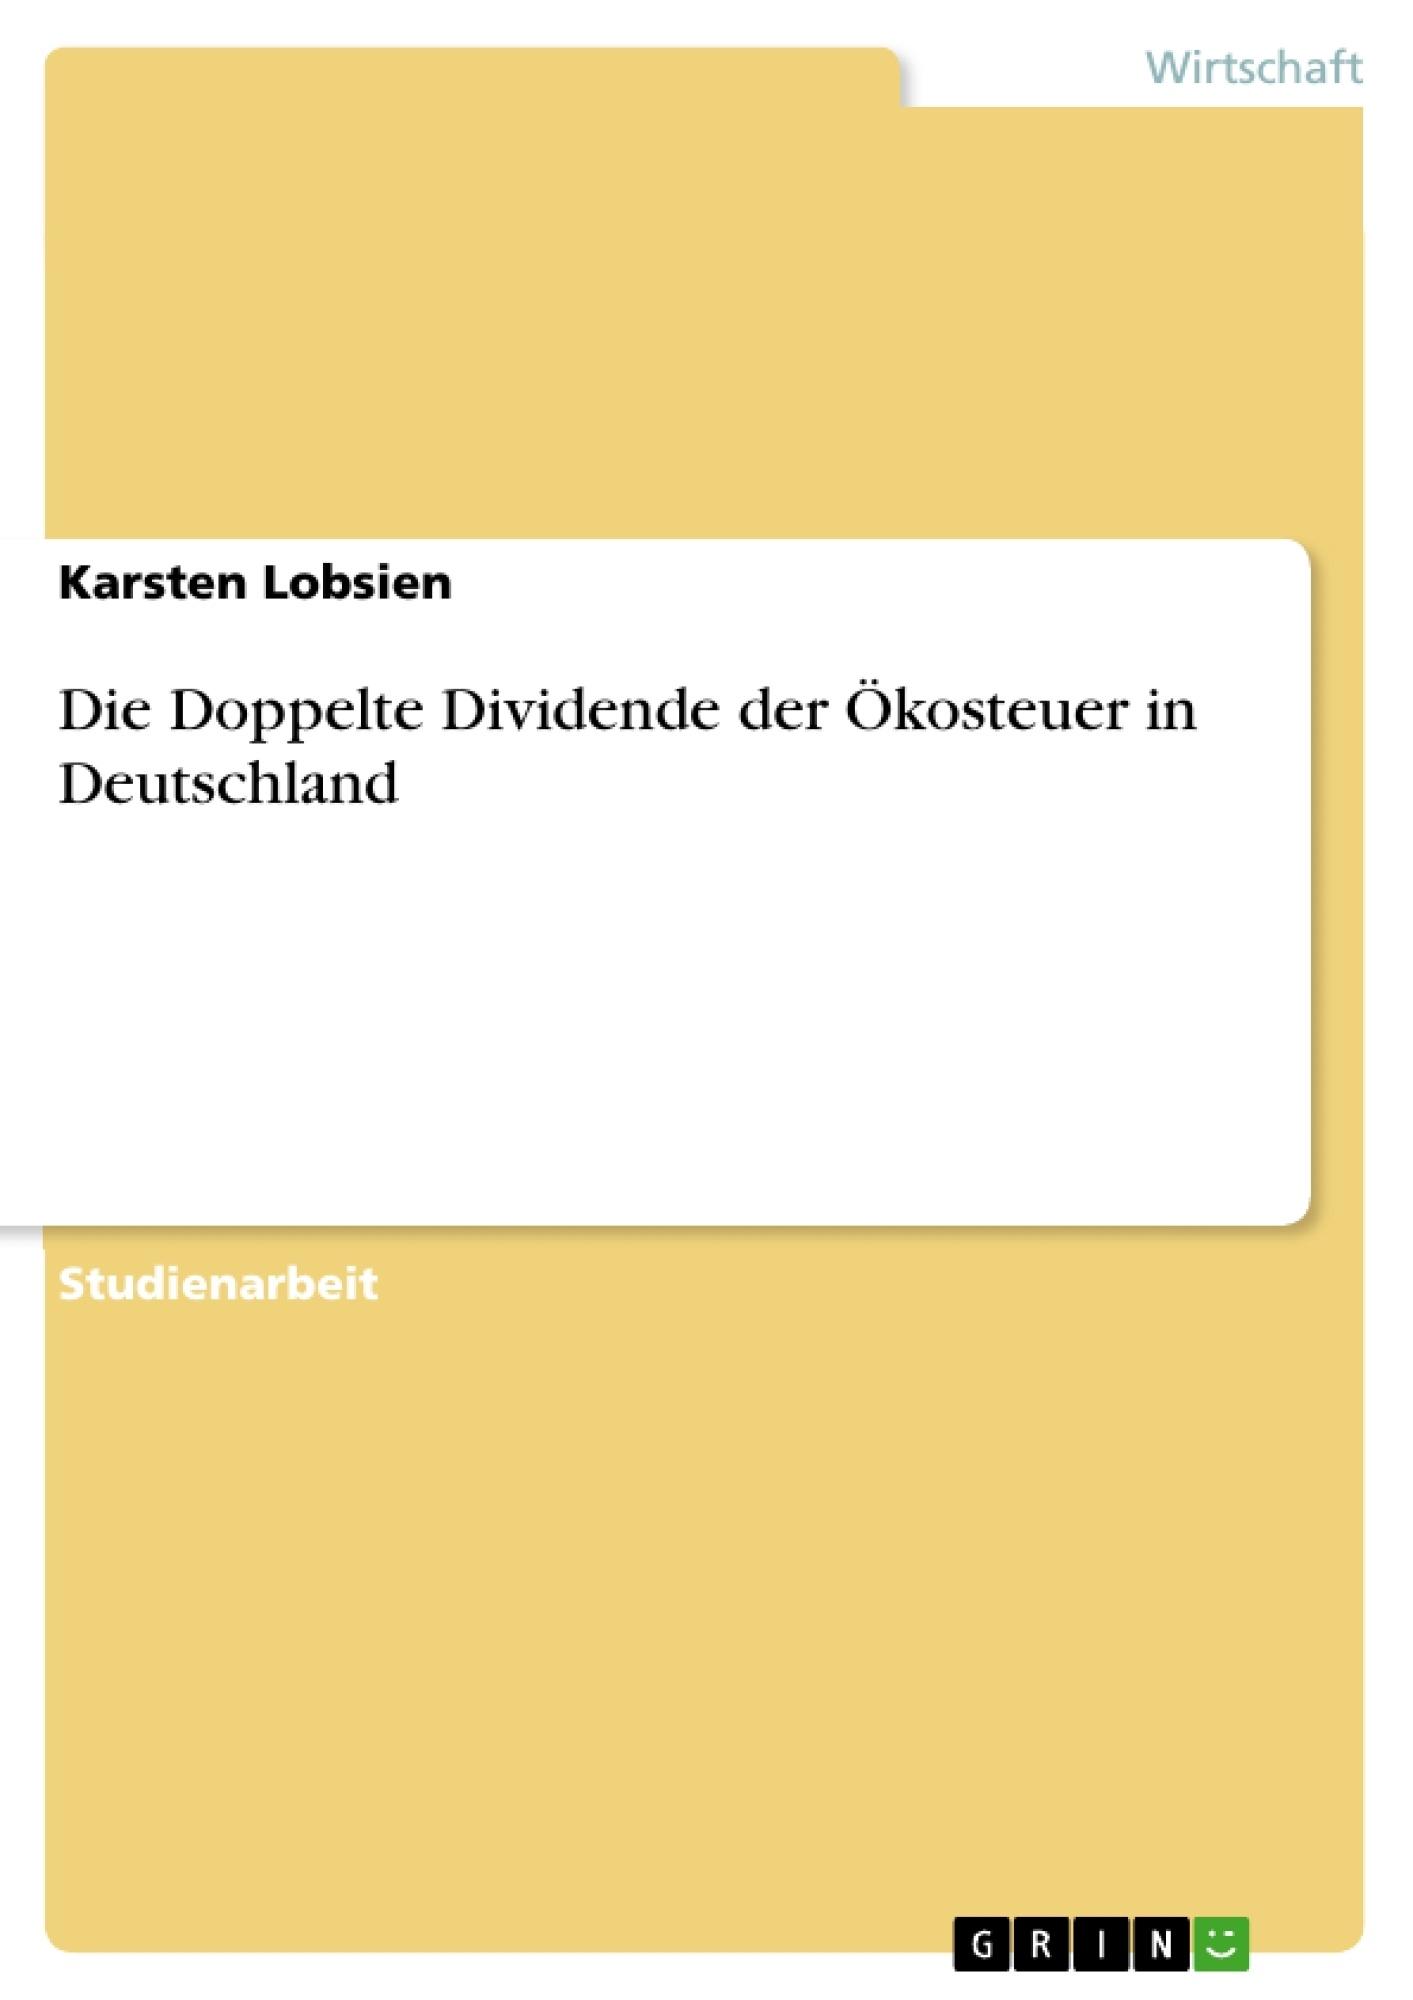 Titel: Die Doppelte Dividende der Ökosteuer in Deutschland